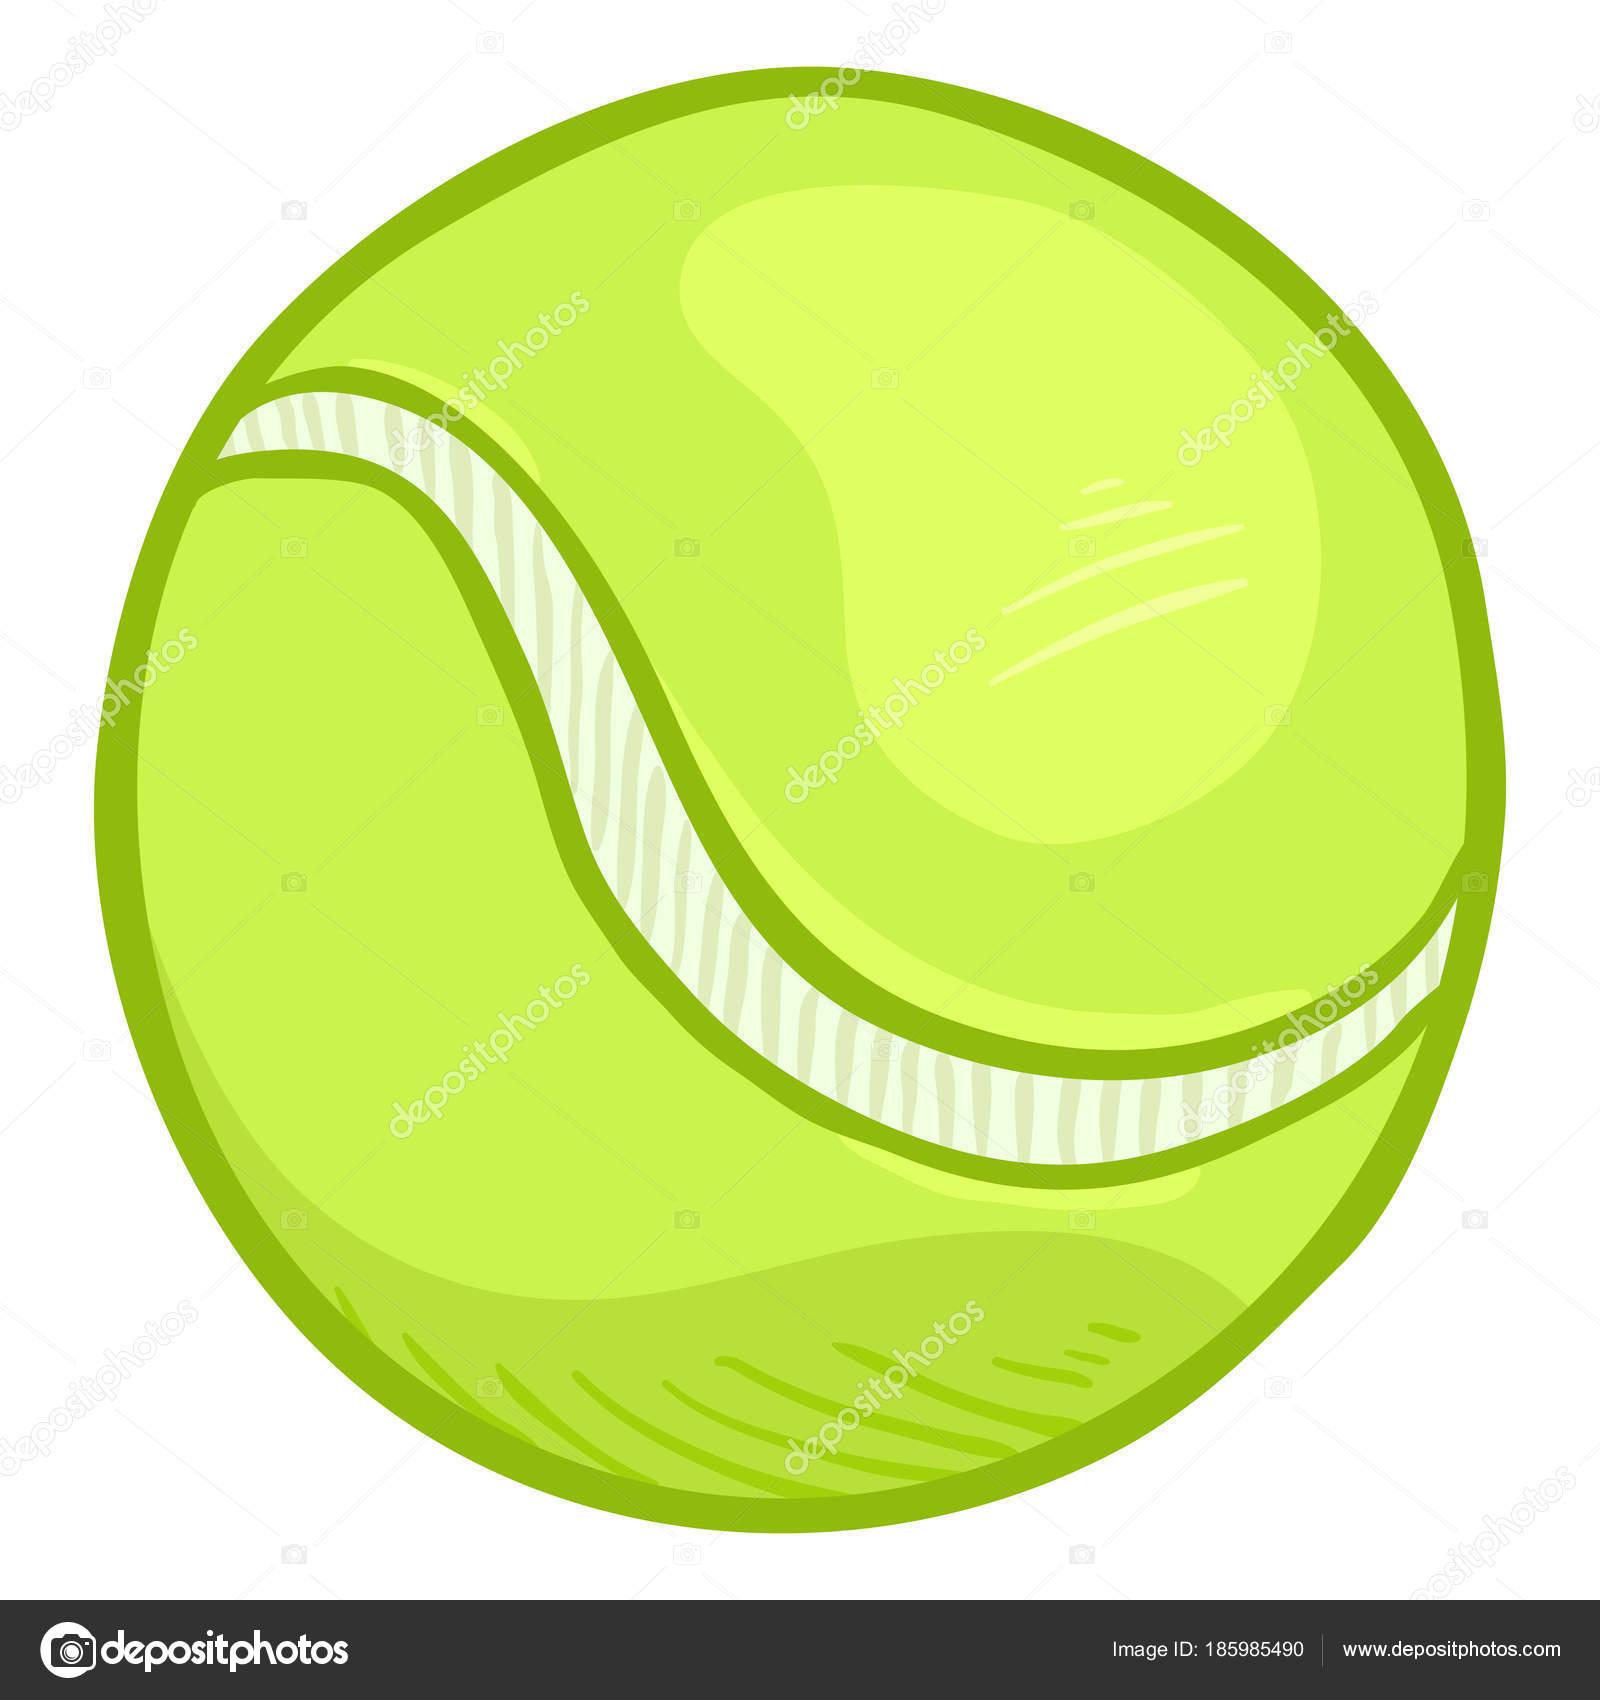 606fac61b0088 Balle de Tennis dessin animé lumière vert sur fond blanc, illustration  vectorielle– illustration de stock